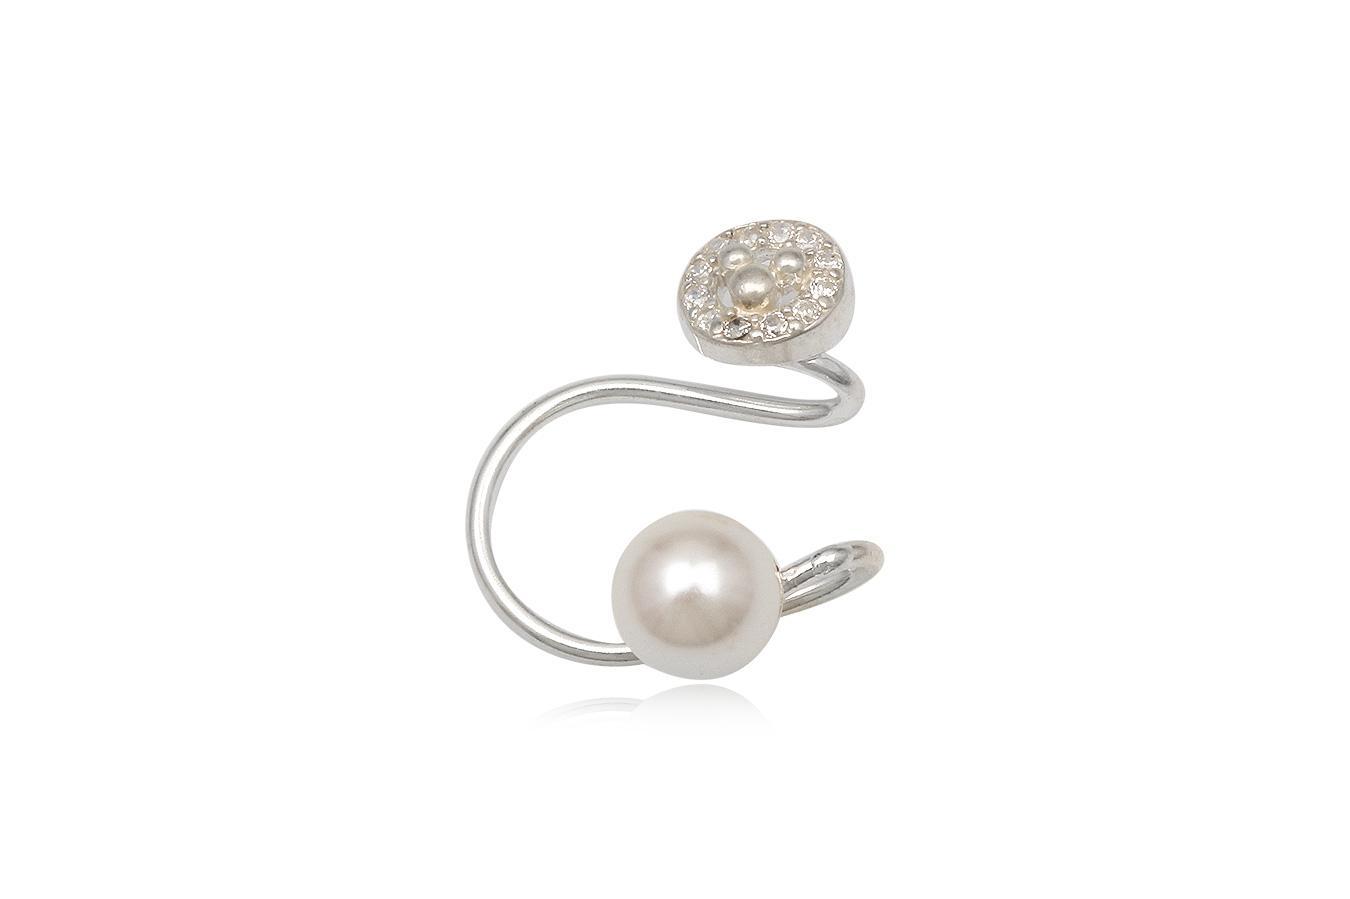 cercel ear cuff cu perla alba